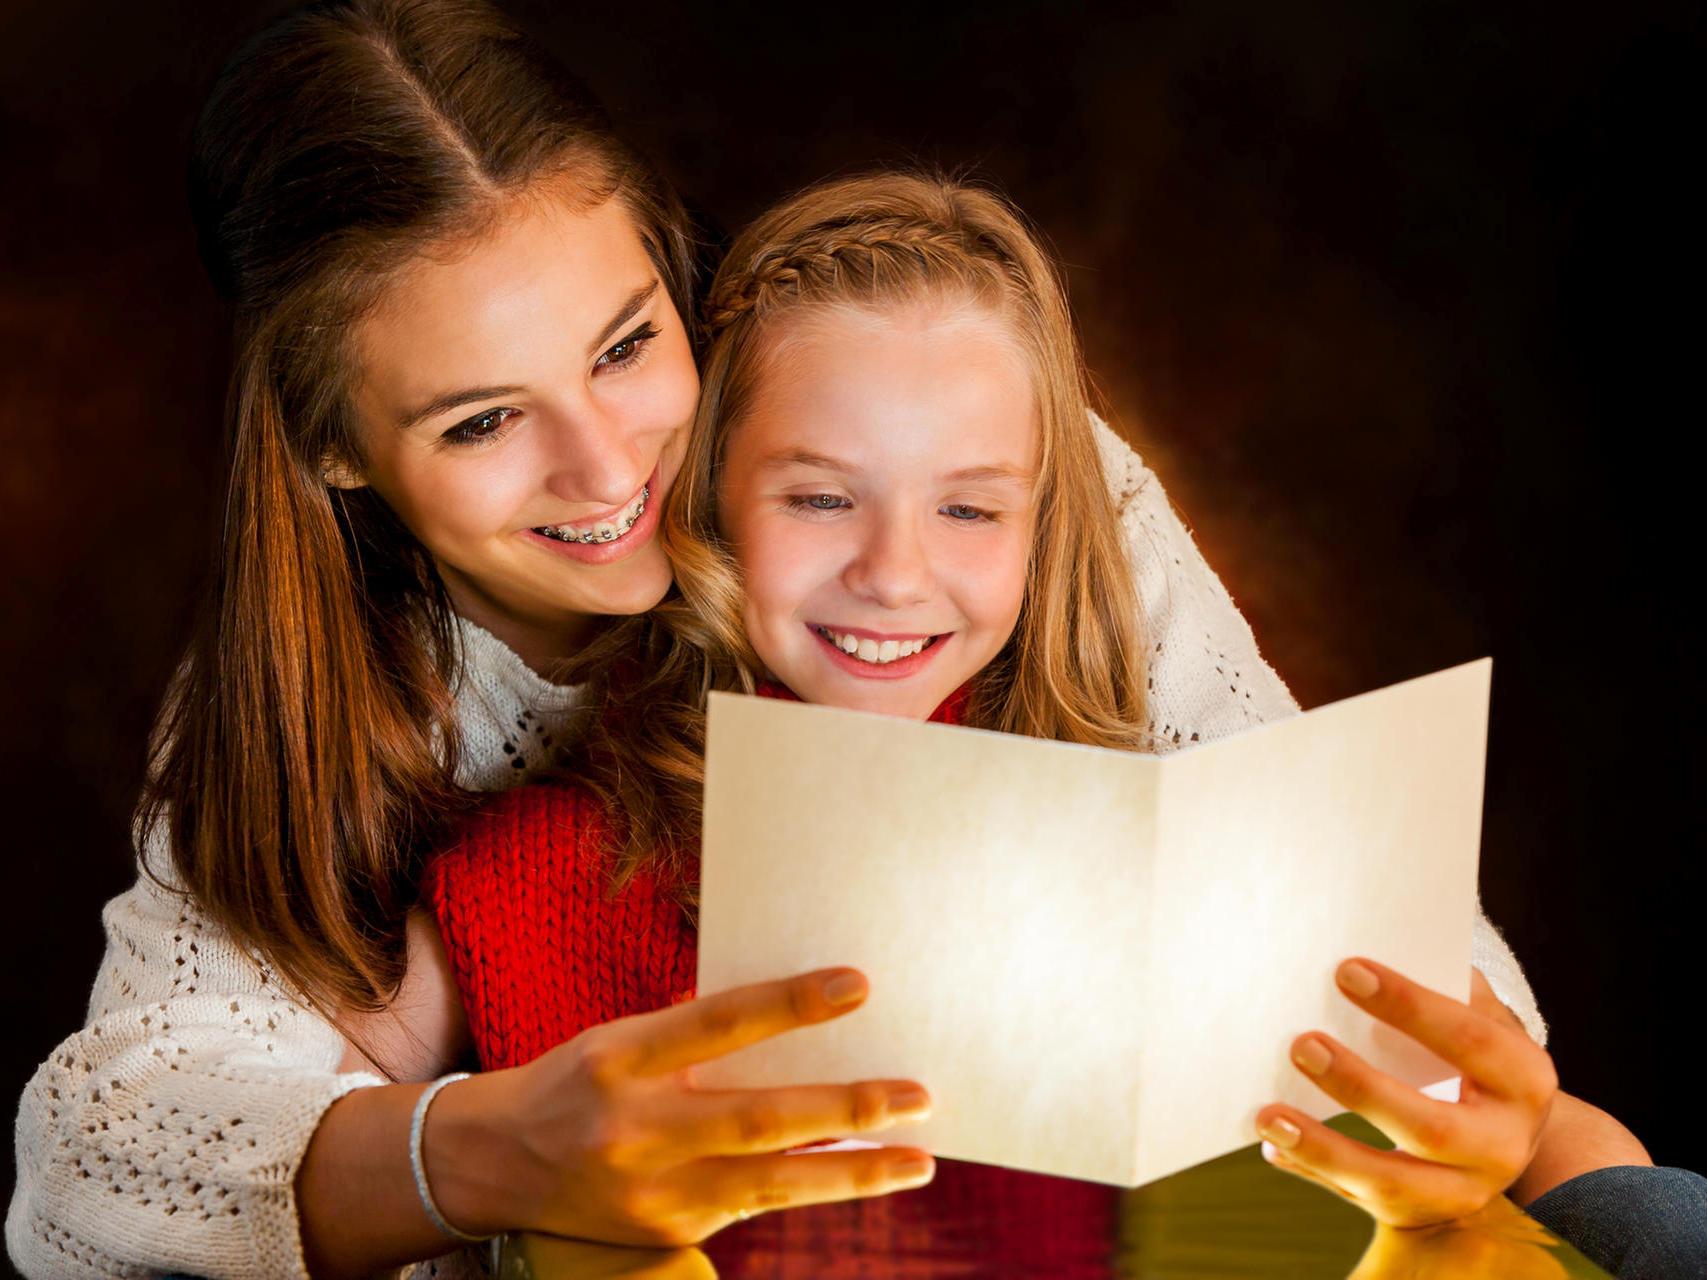 Weihnachtsgedichte: Die Schönsten Und Lustigsten Gedichte bei Kurze Lustige Gedichte Zu Weihnachten